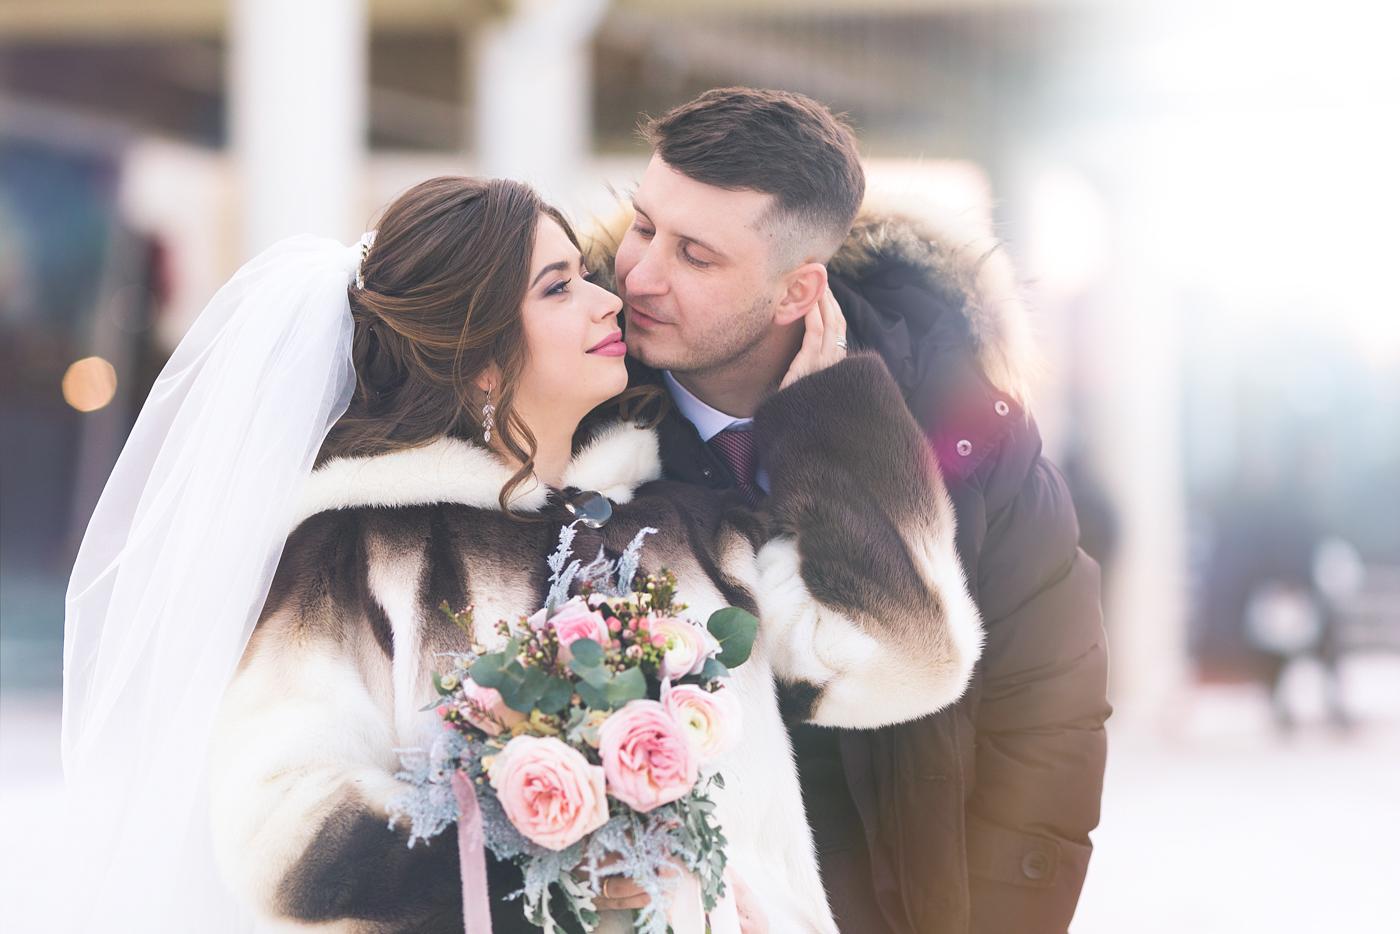 униформе свадебная фотосъемка маршрут сургут тем, что